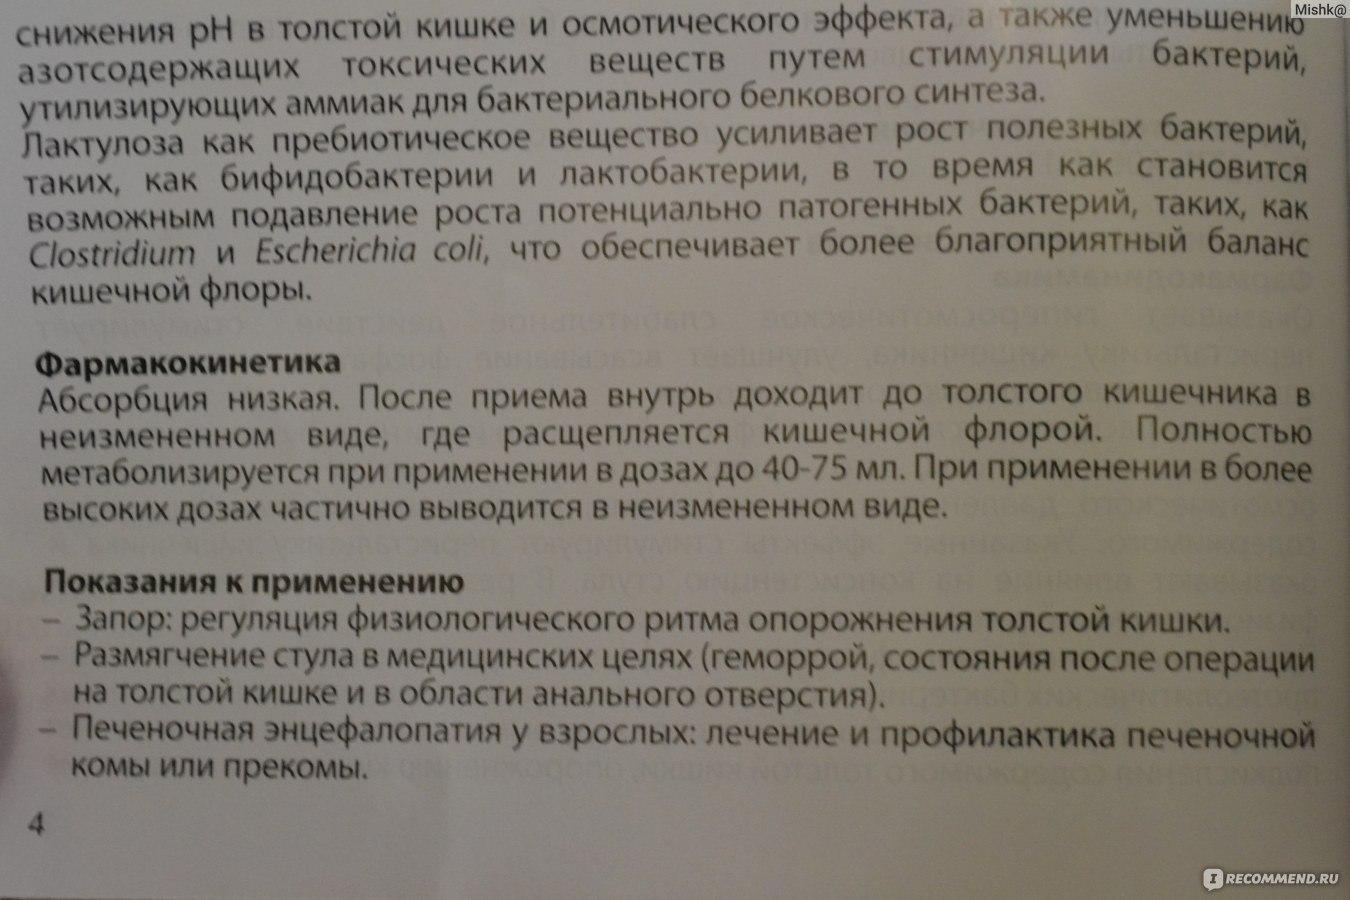 Дюфалак микстура инструкция по применению musicpiter.ru